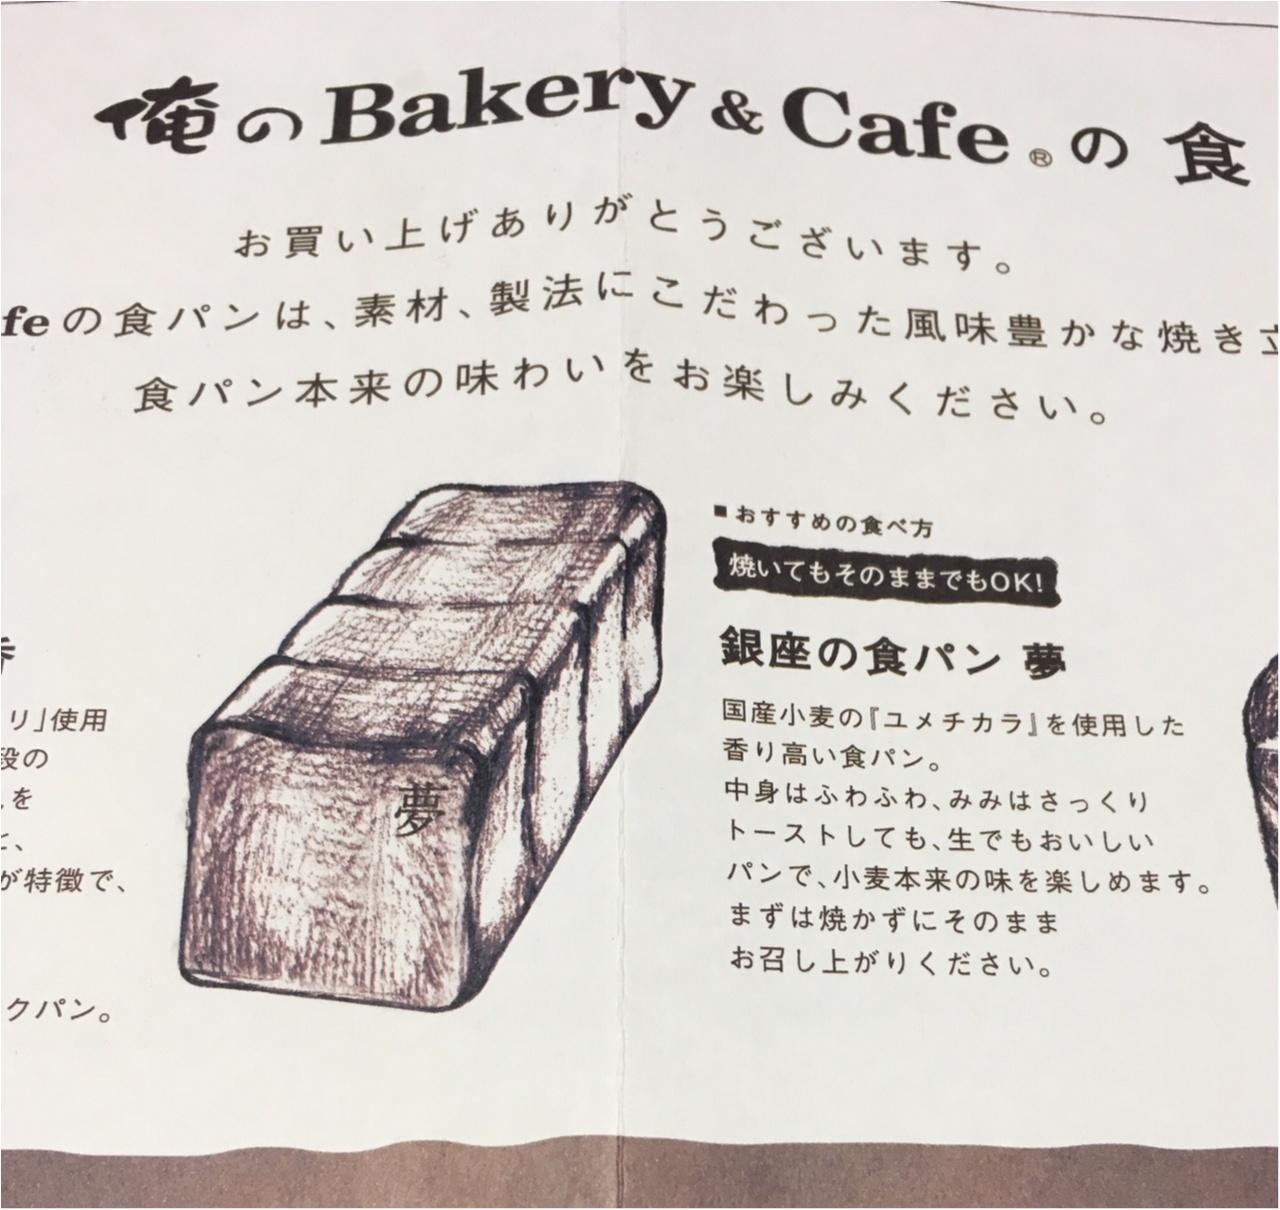 【俺のBakery&cafe/銀座】究極の食パンを頂きました☆_2